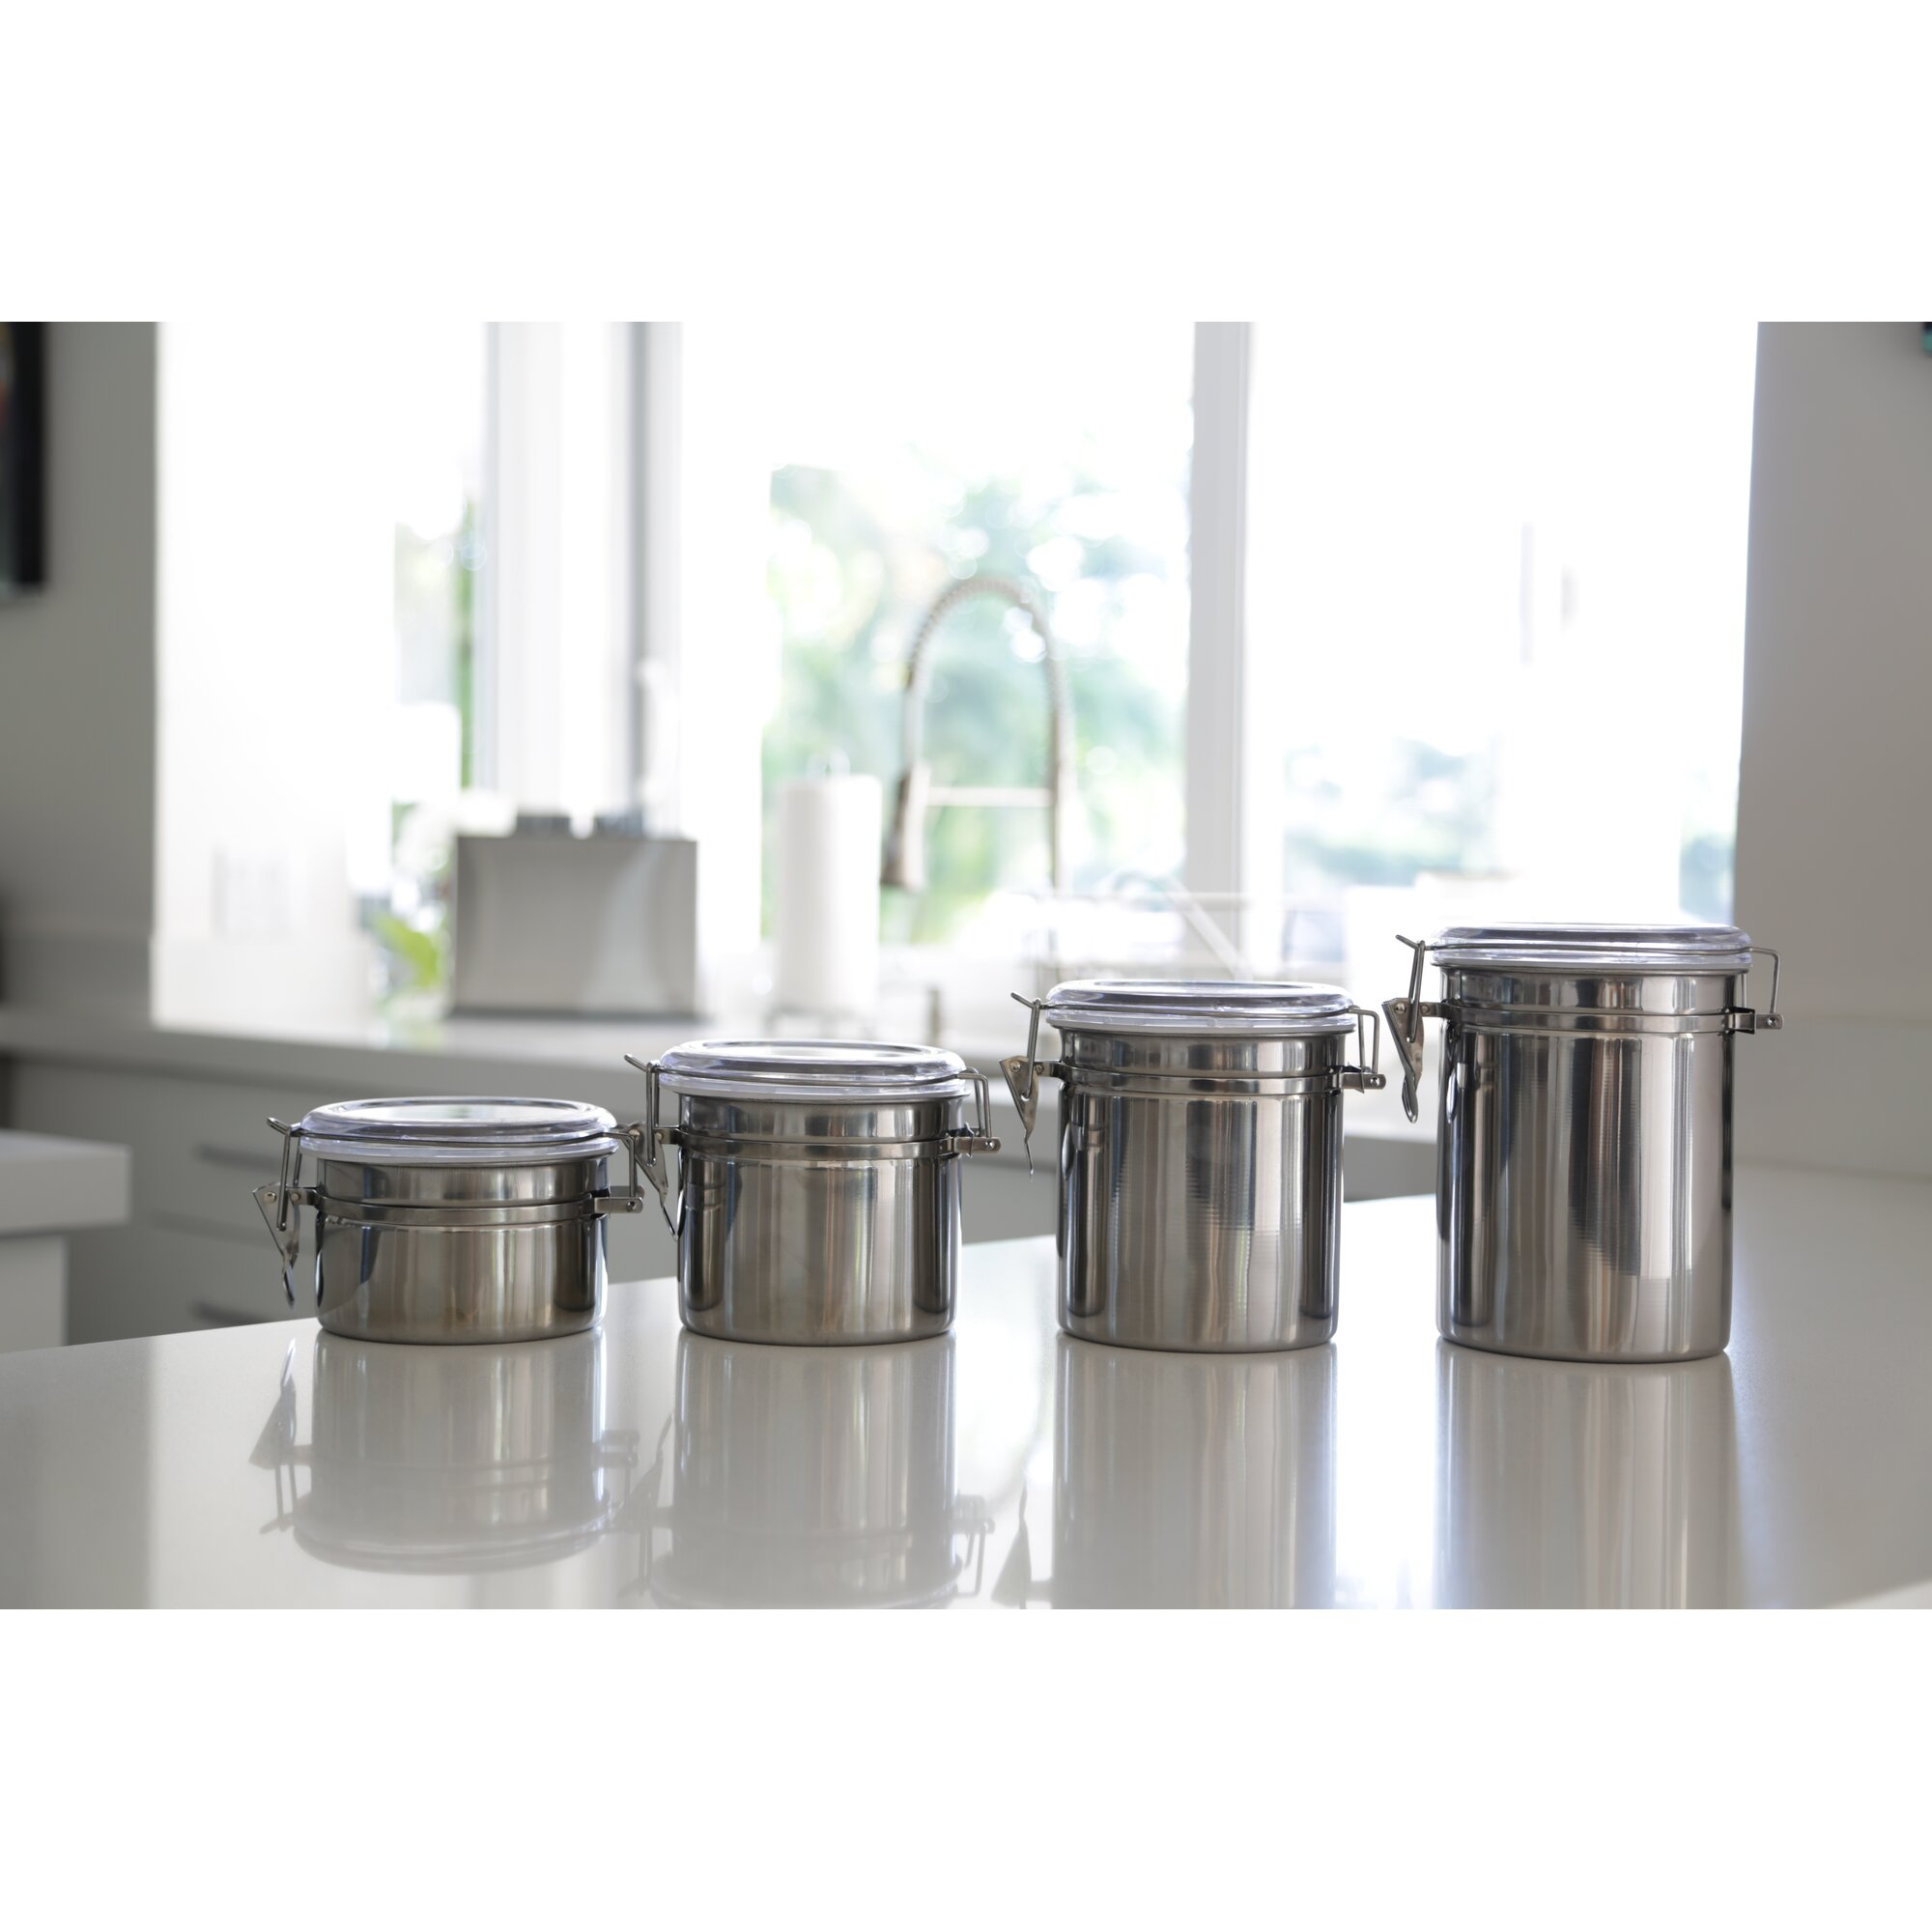 ragalta 4 piece kitchen canister set reviews wayfair